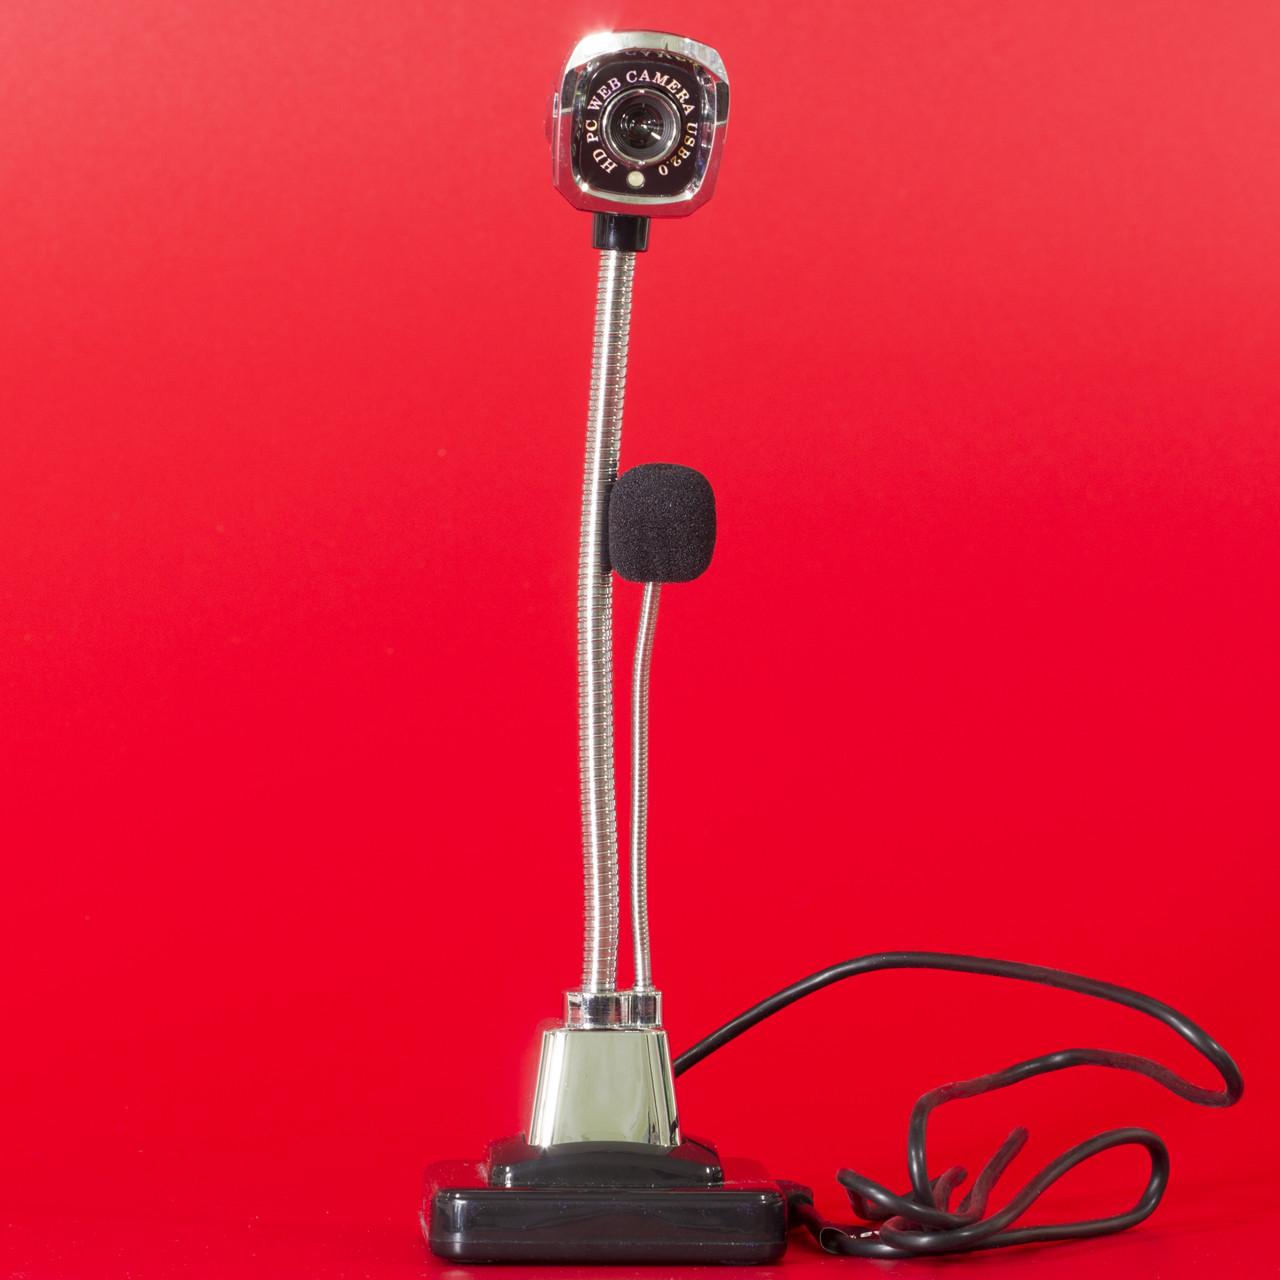 Веб-камера Lesko М800 HD черная для компьютера ноутбука качественная связь видео чатах skype viber оптическая - Фактория - персональная техника в Киеве